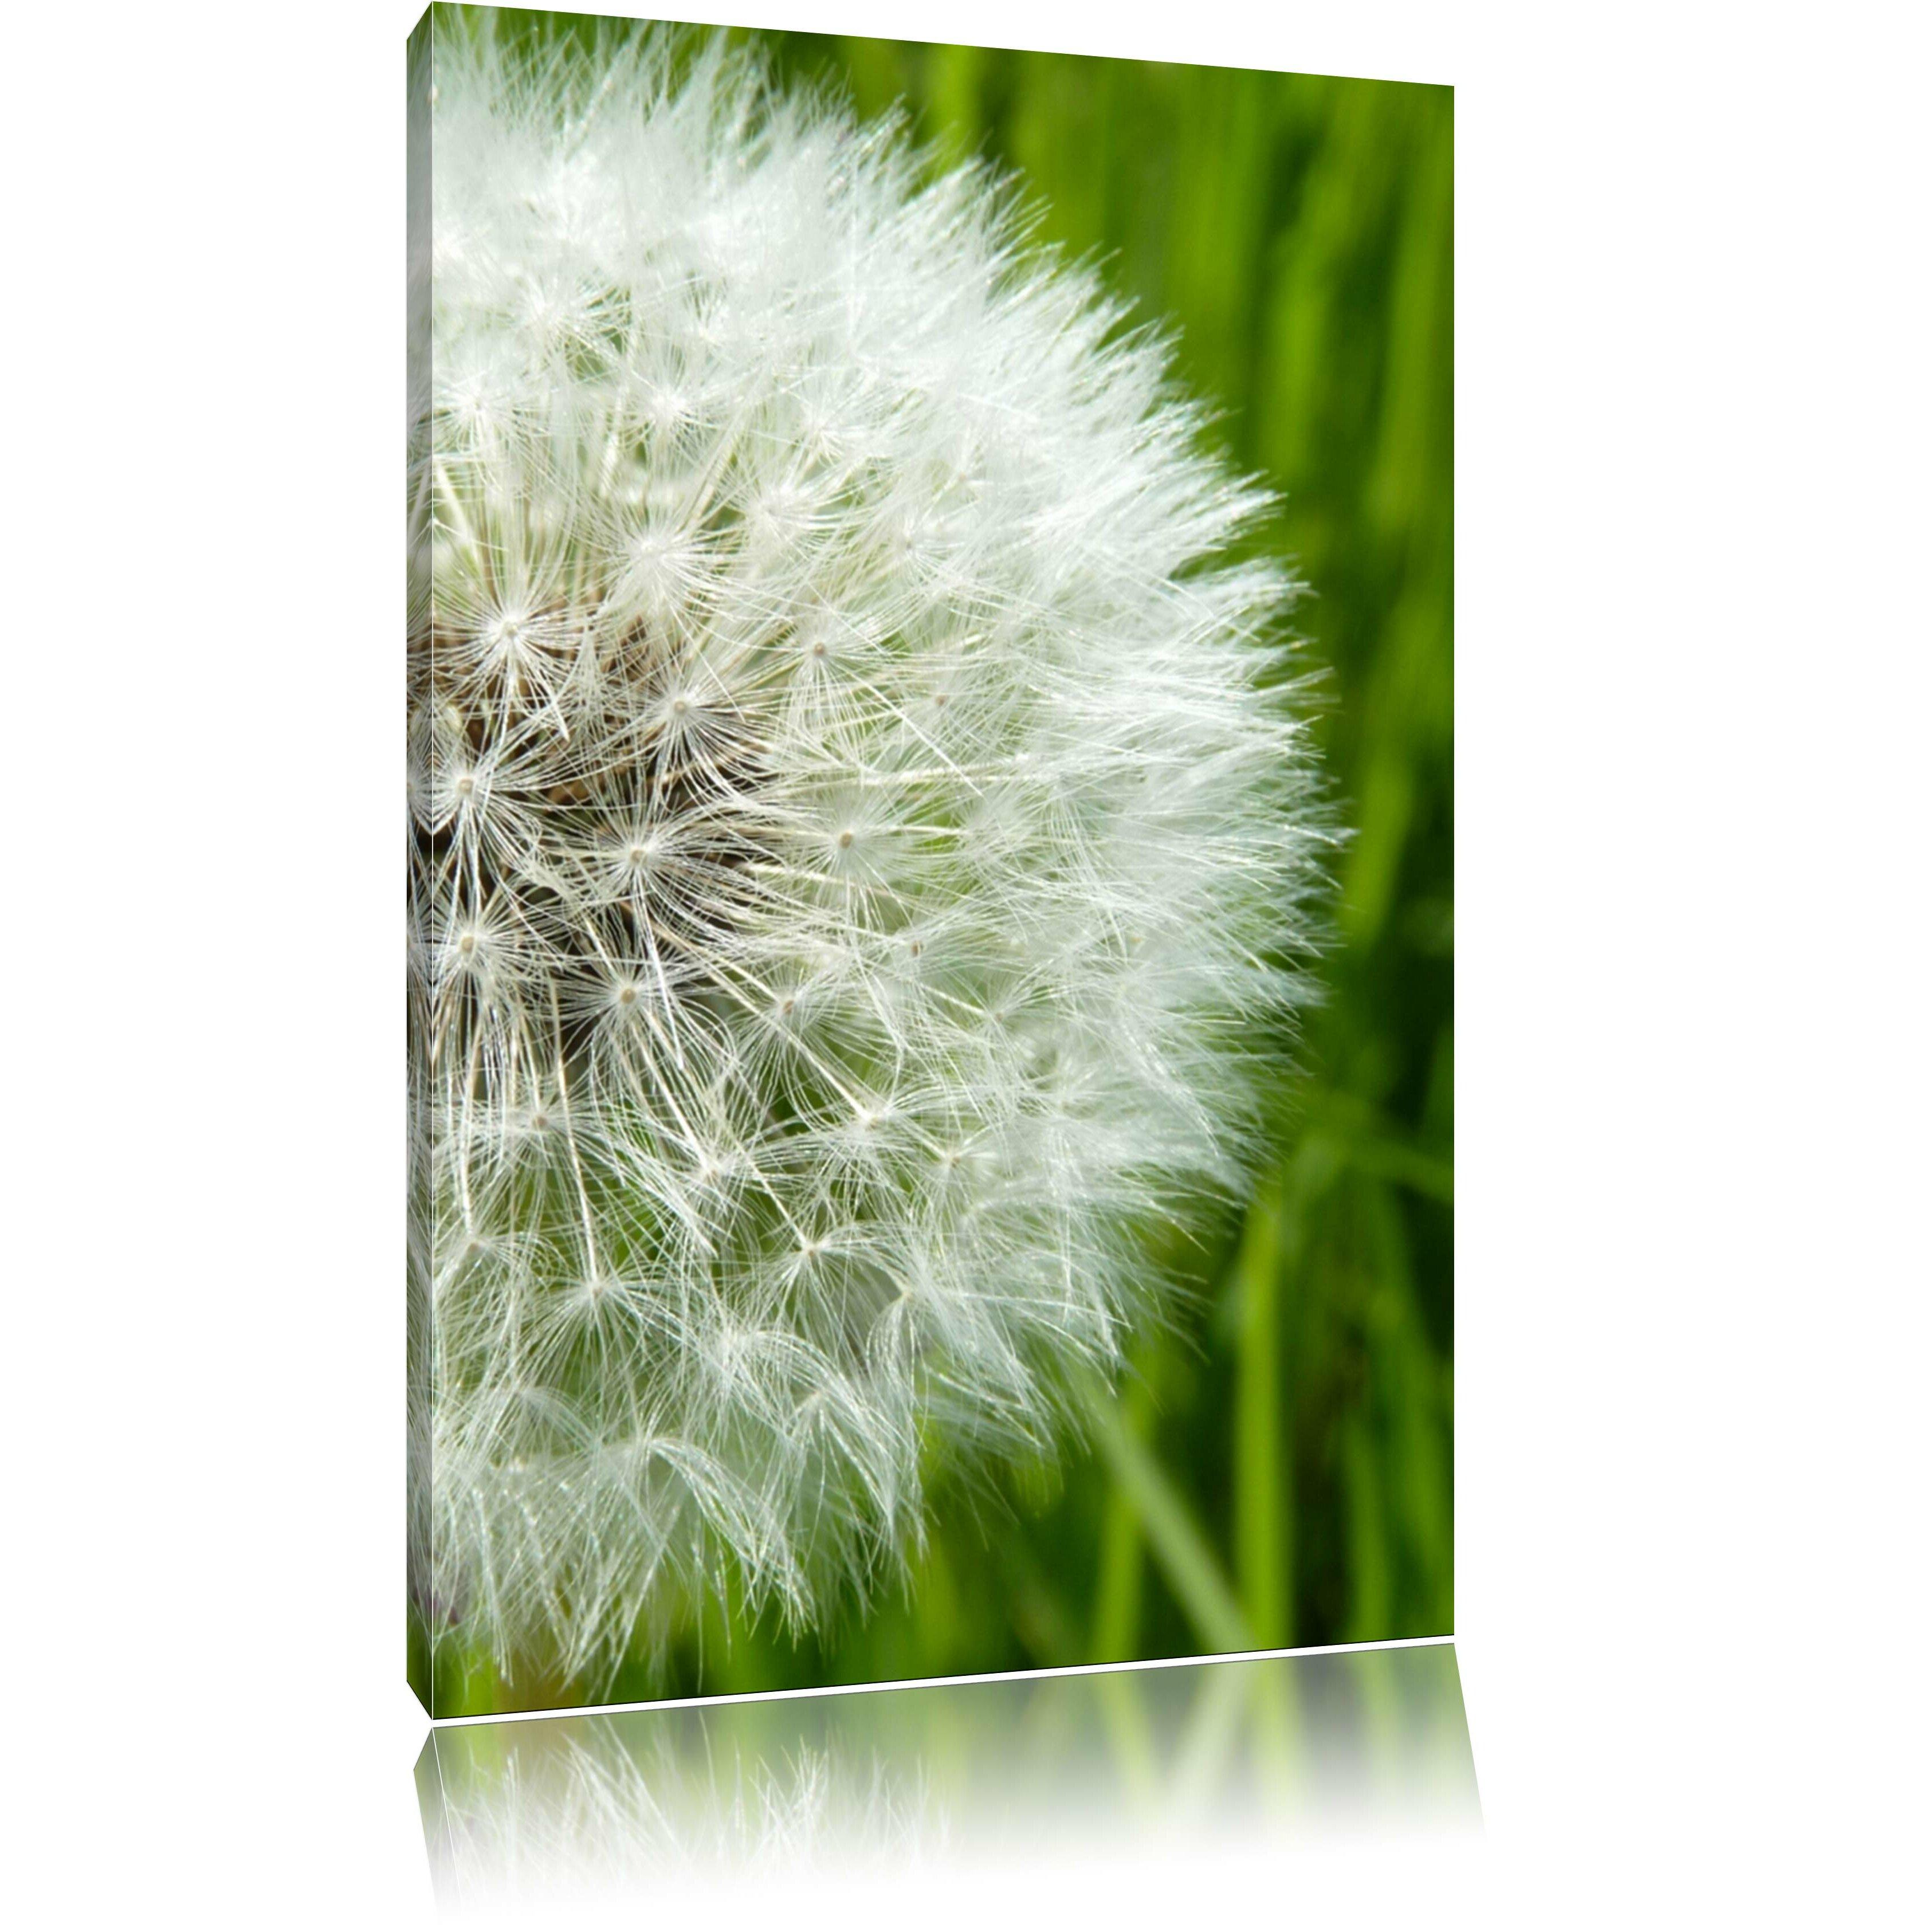 Pixxprint leinwandbild runde pusteblume von manufacturer for Runde kindertische